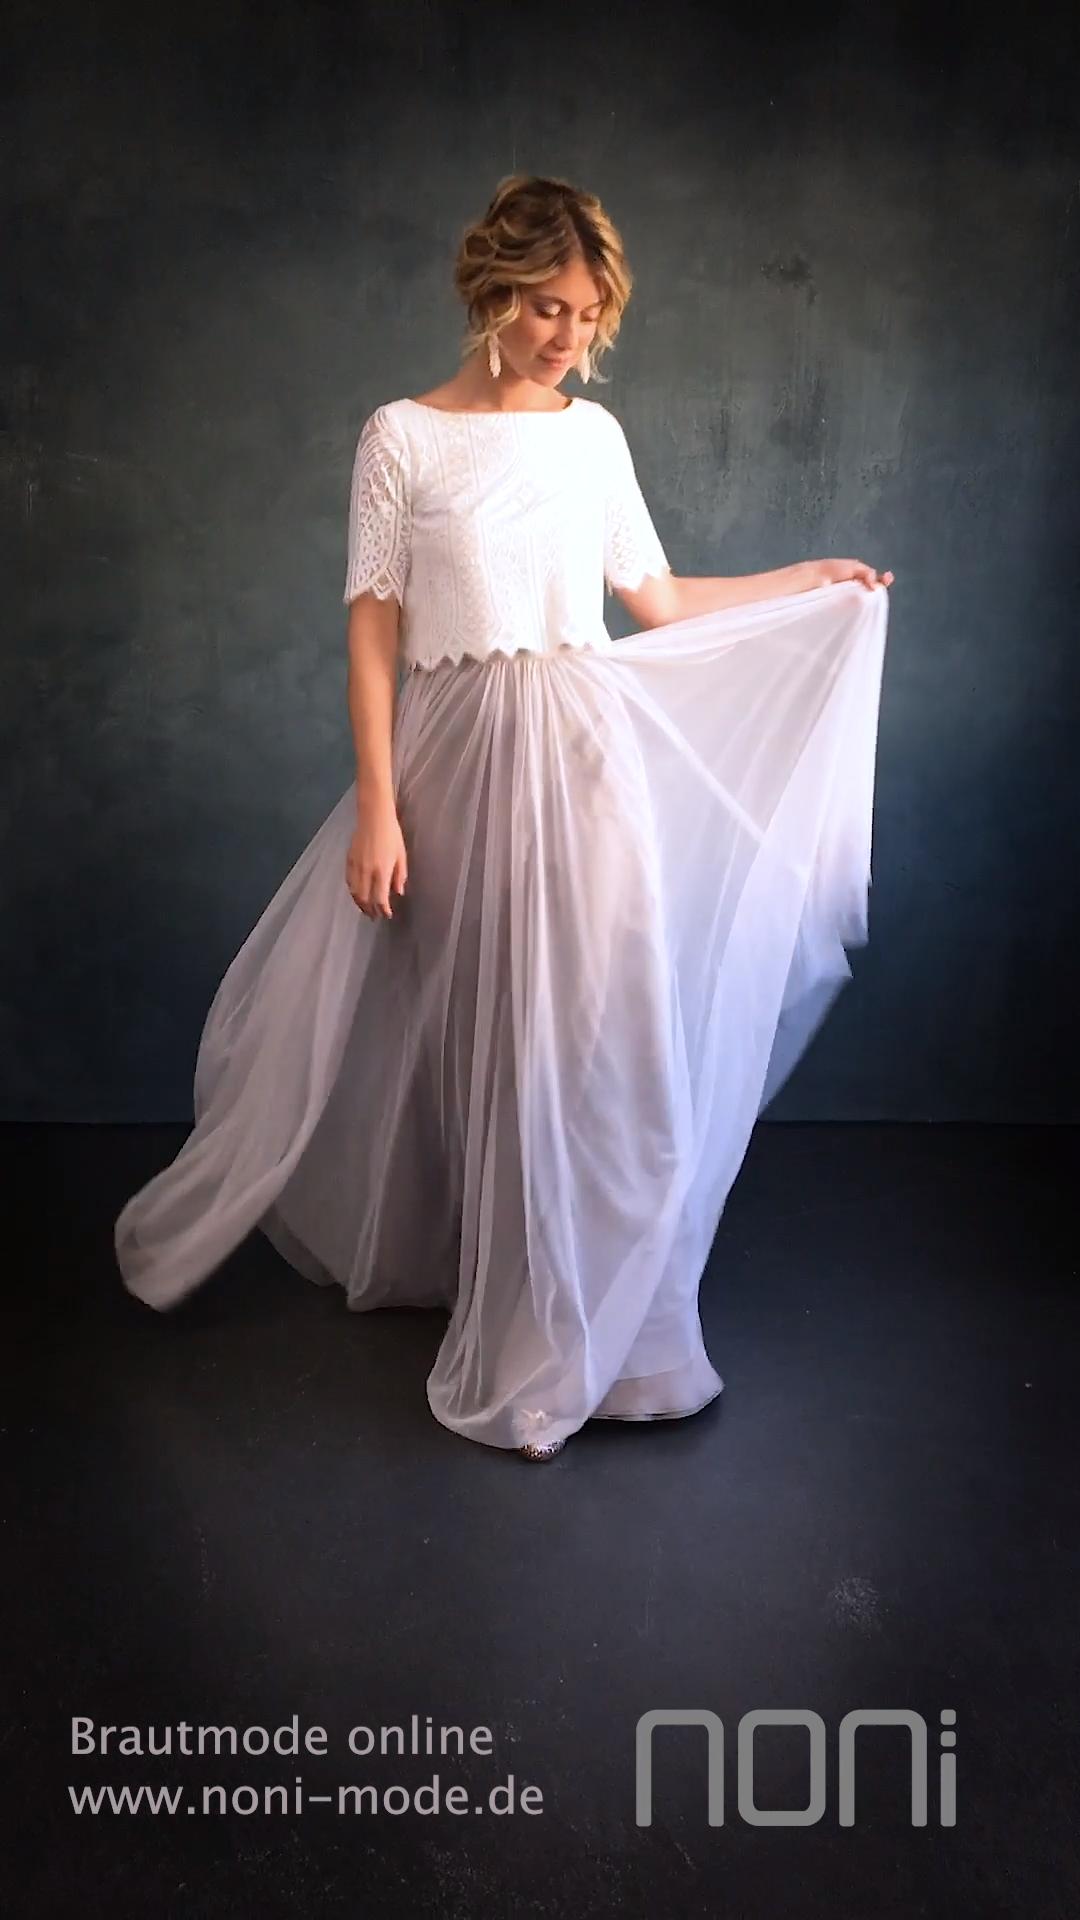 Boho Brautkleid in zwei Teilen, Spitze Brautoberteil und Tüllrock